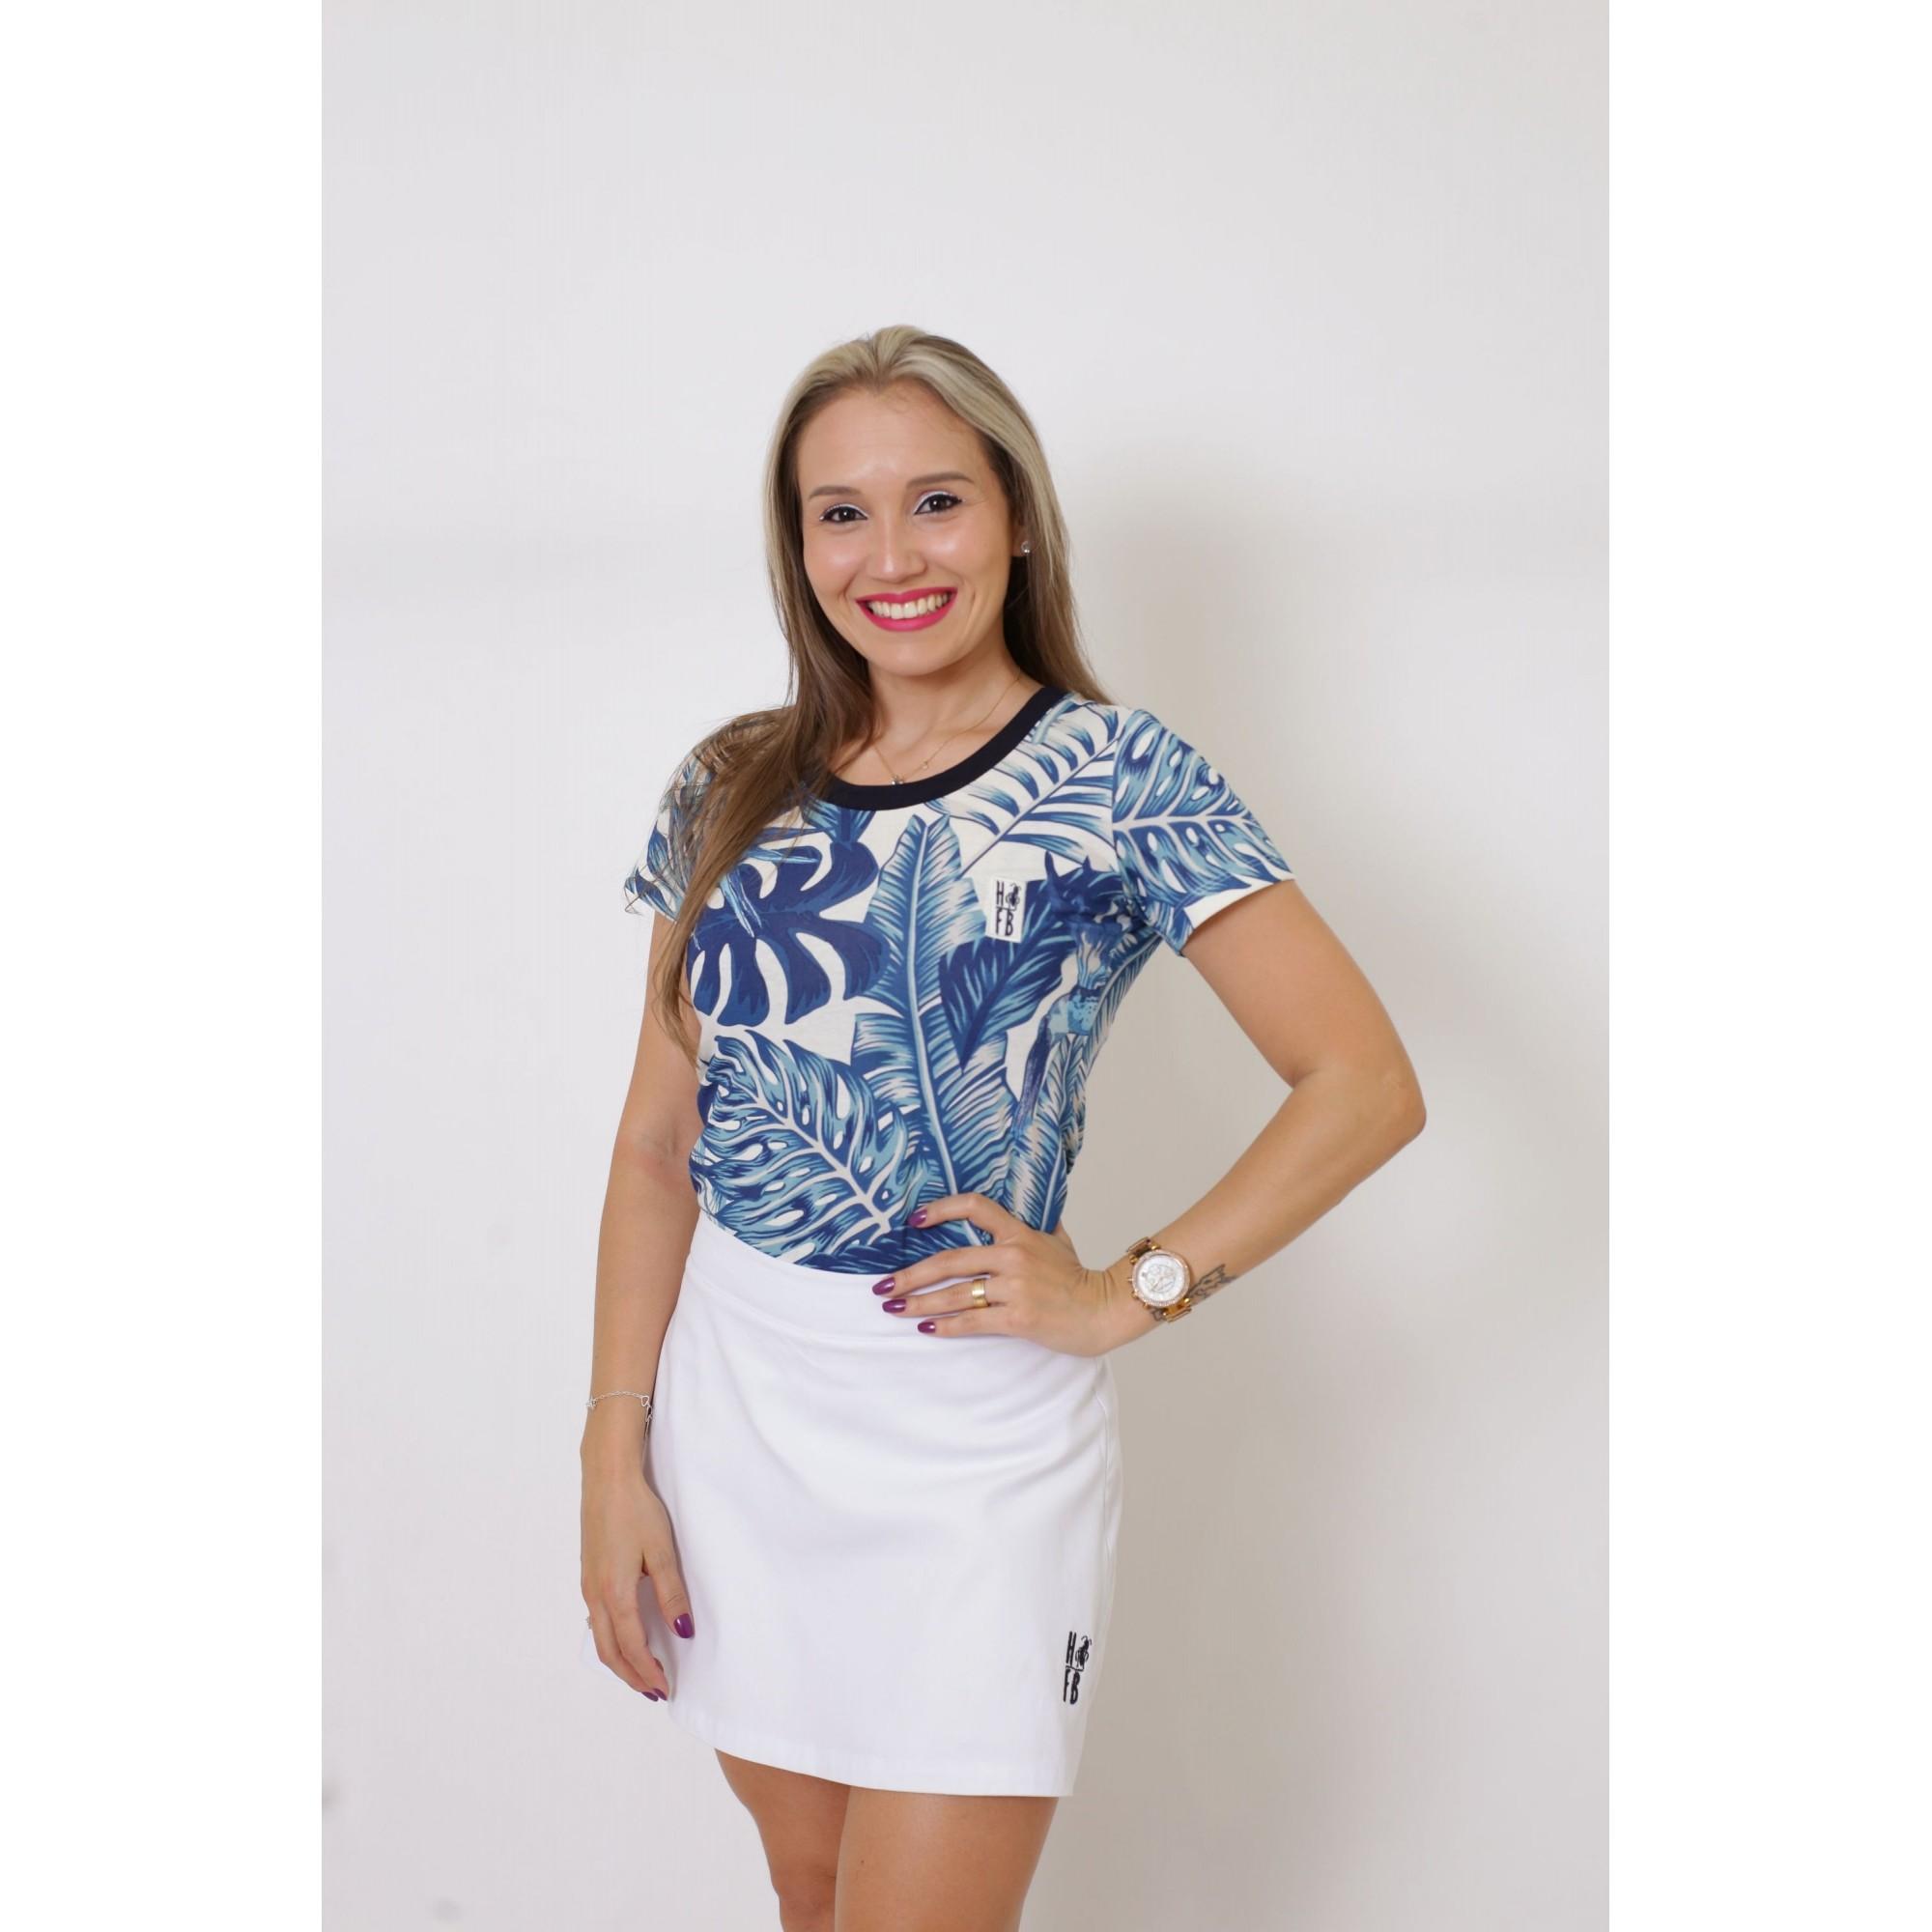 MÃE E FILHO > Kit 02 Peças - T-Shirts ou Body Caribe [Coleção Tal Mãe Tal Filho]  - Heitor Fashion Brazil